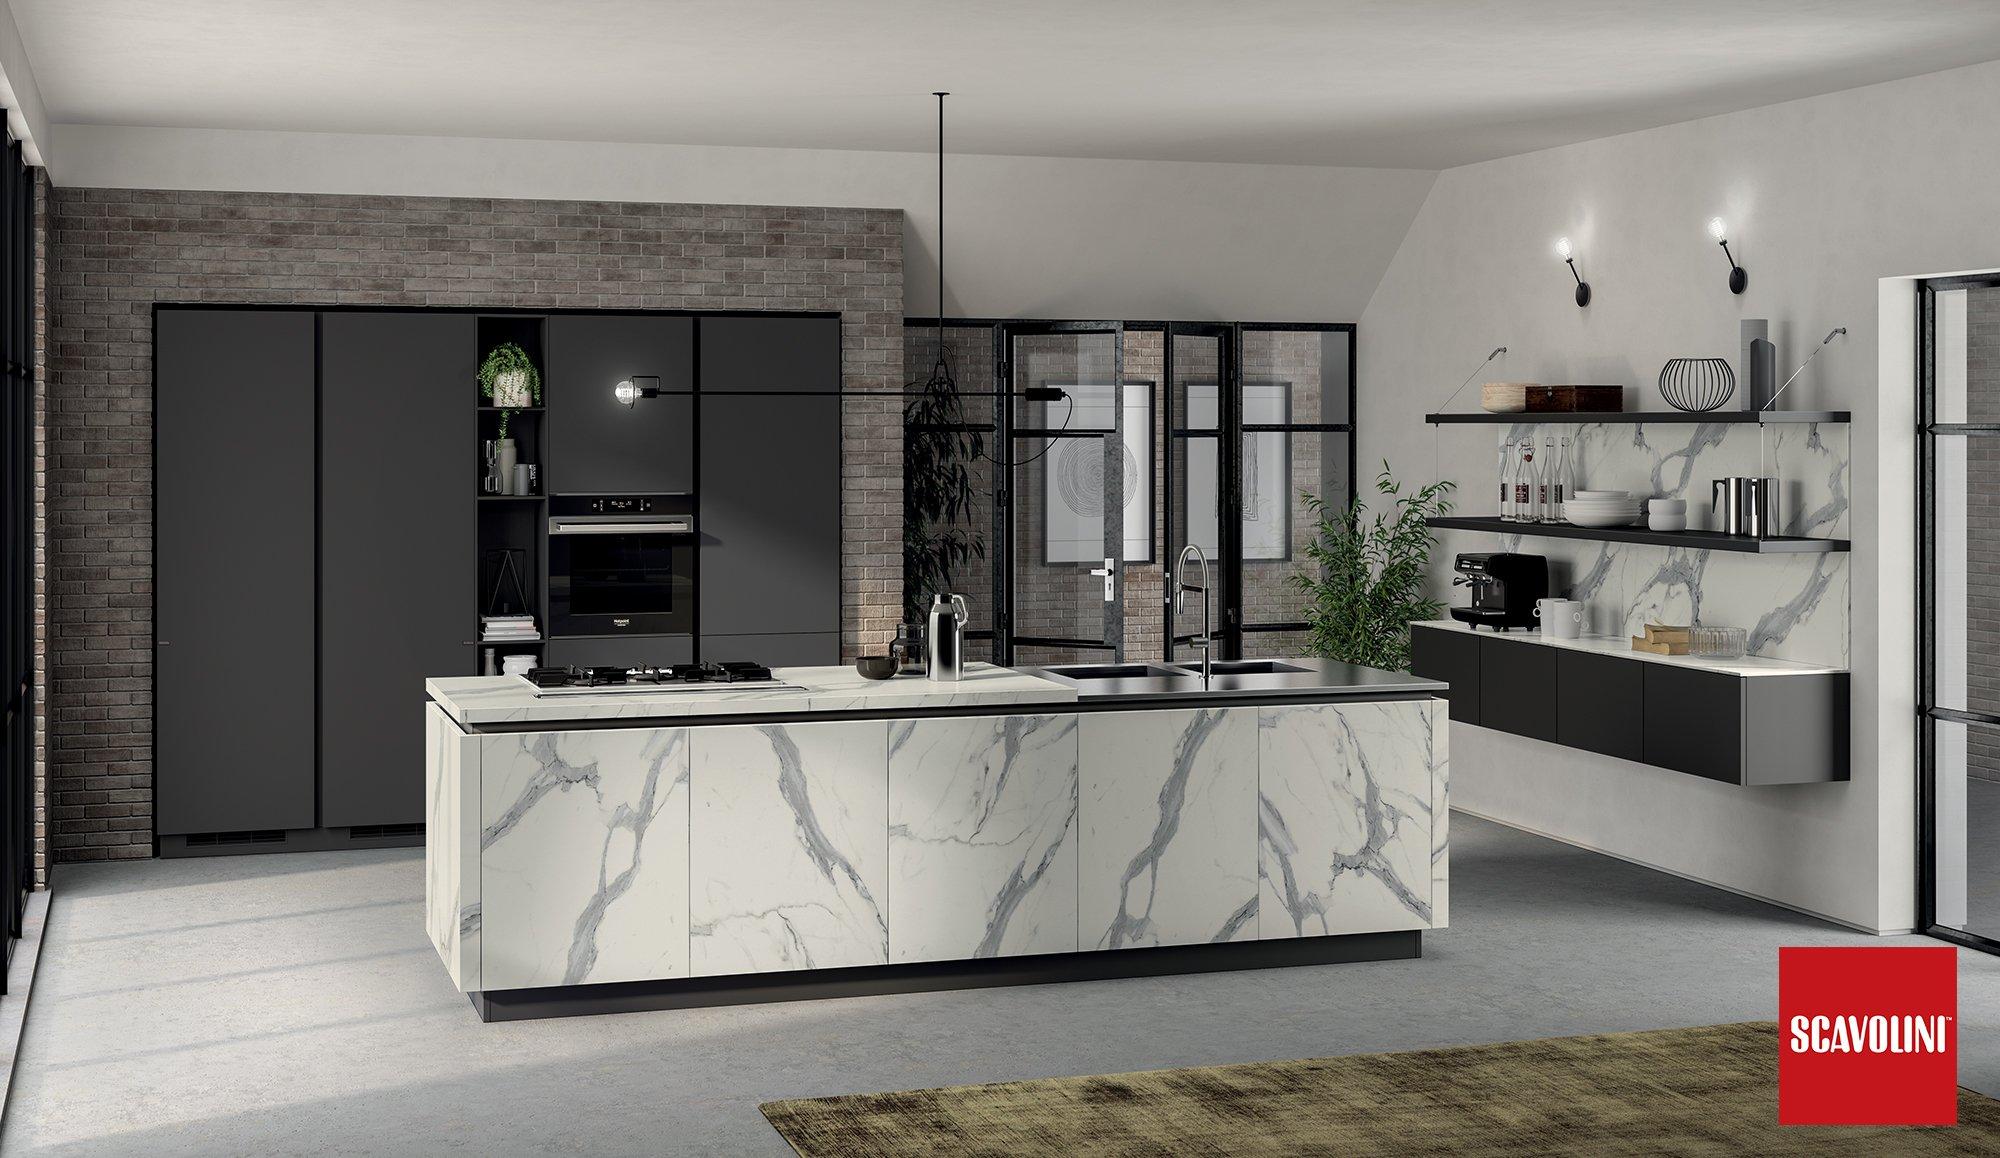 Cucina Scavolini mod. Liberamente anta decorativo statuario/grigio graffite